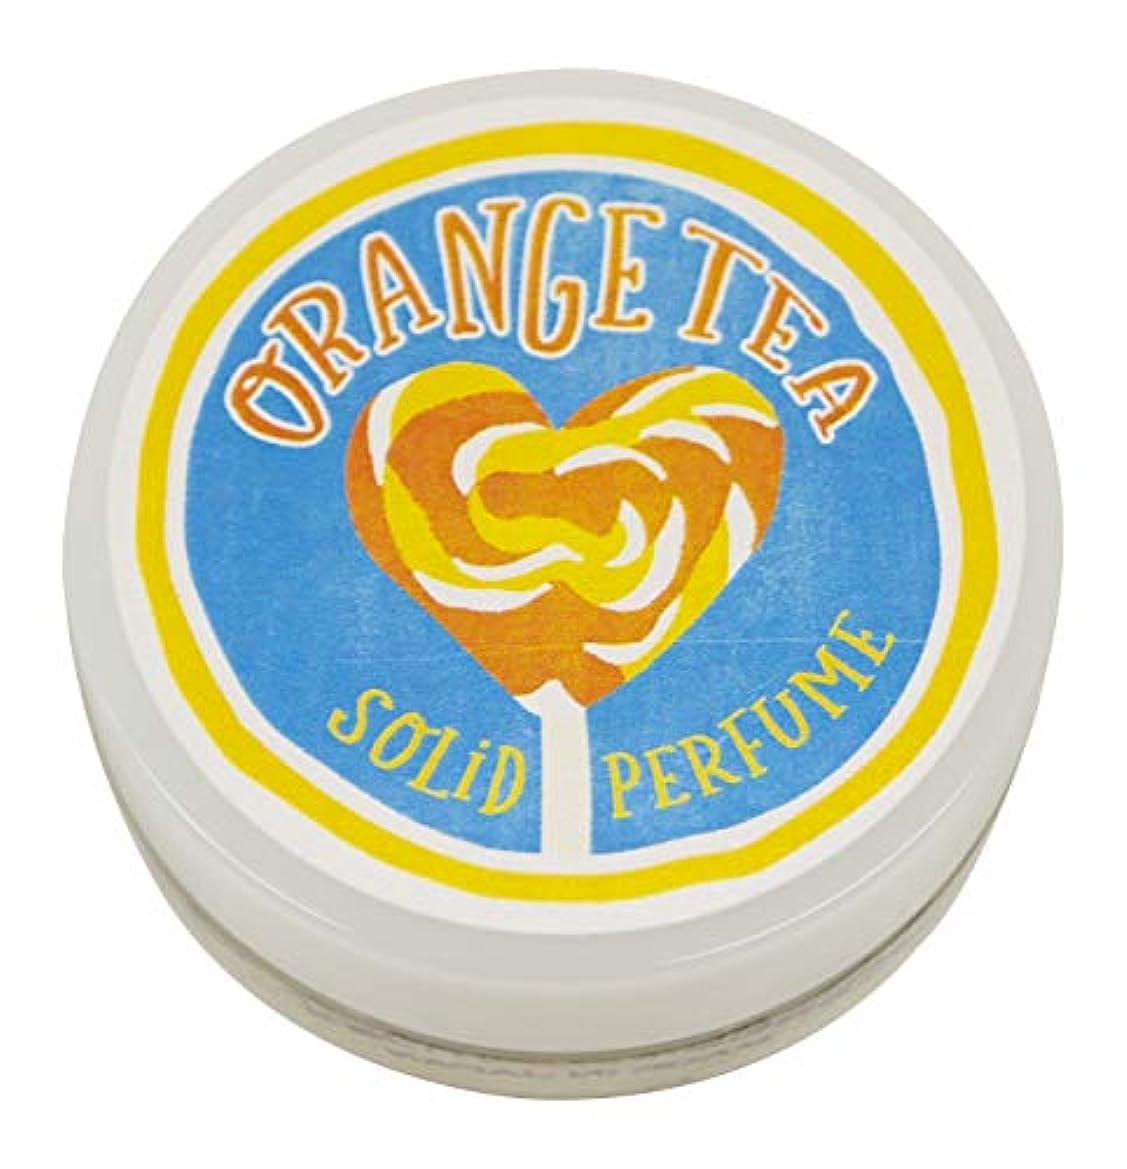 適応的民主主義レモンコトラボ 練り香水 8g オレンジティー